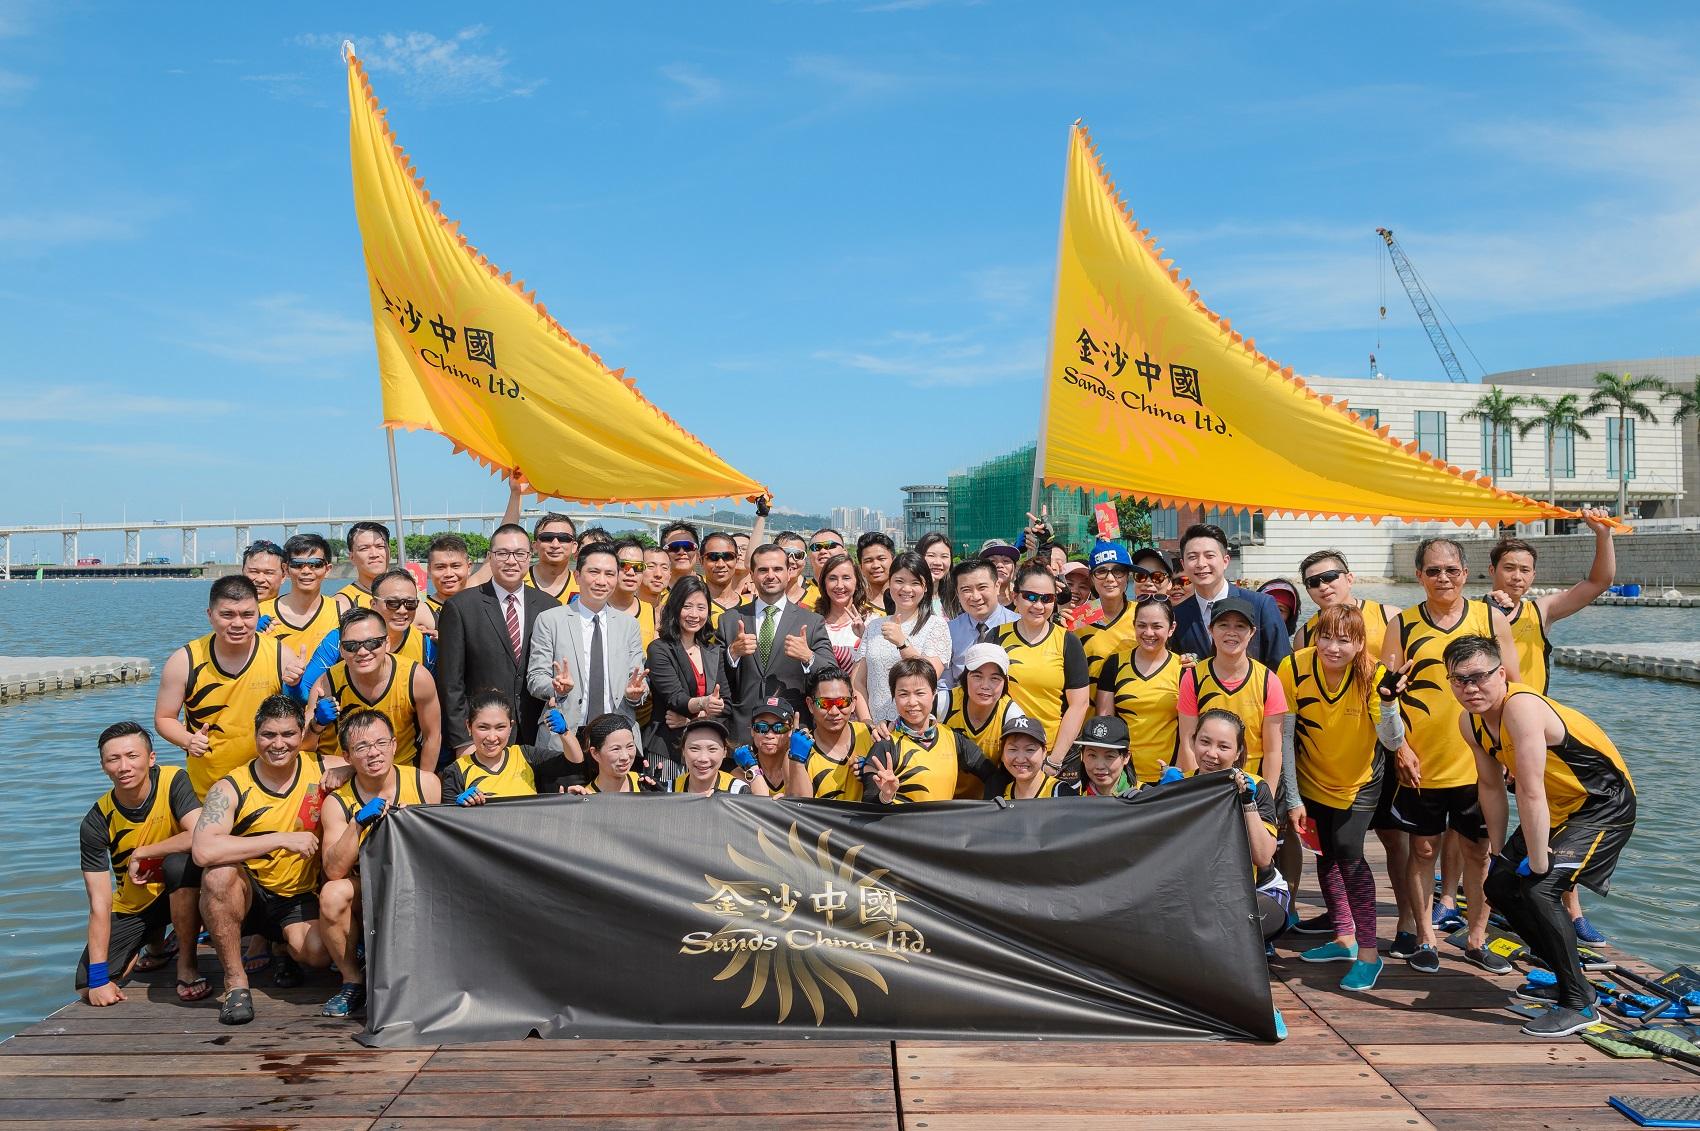 2018龙舟赛事 - 金沙中国